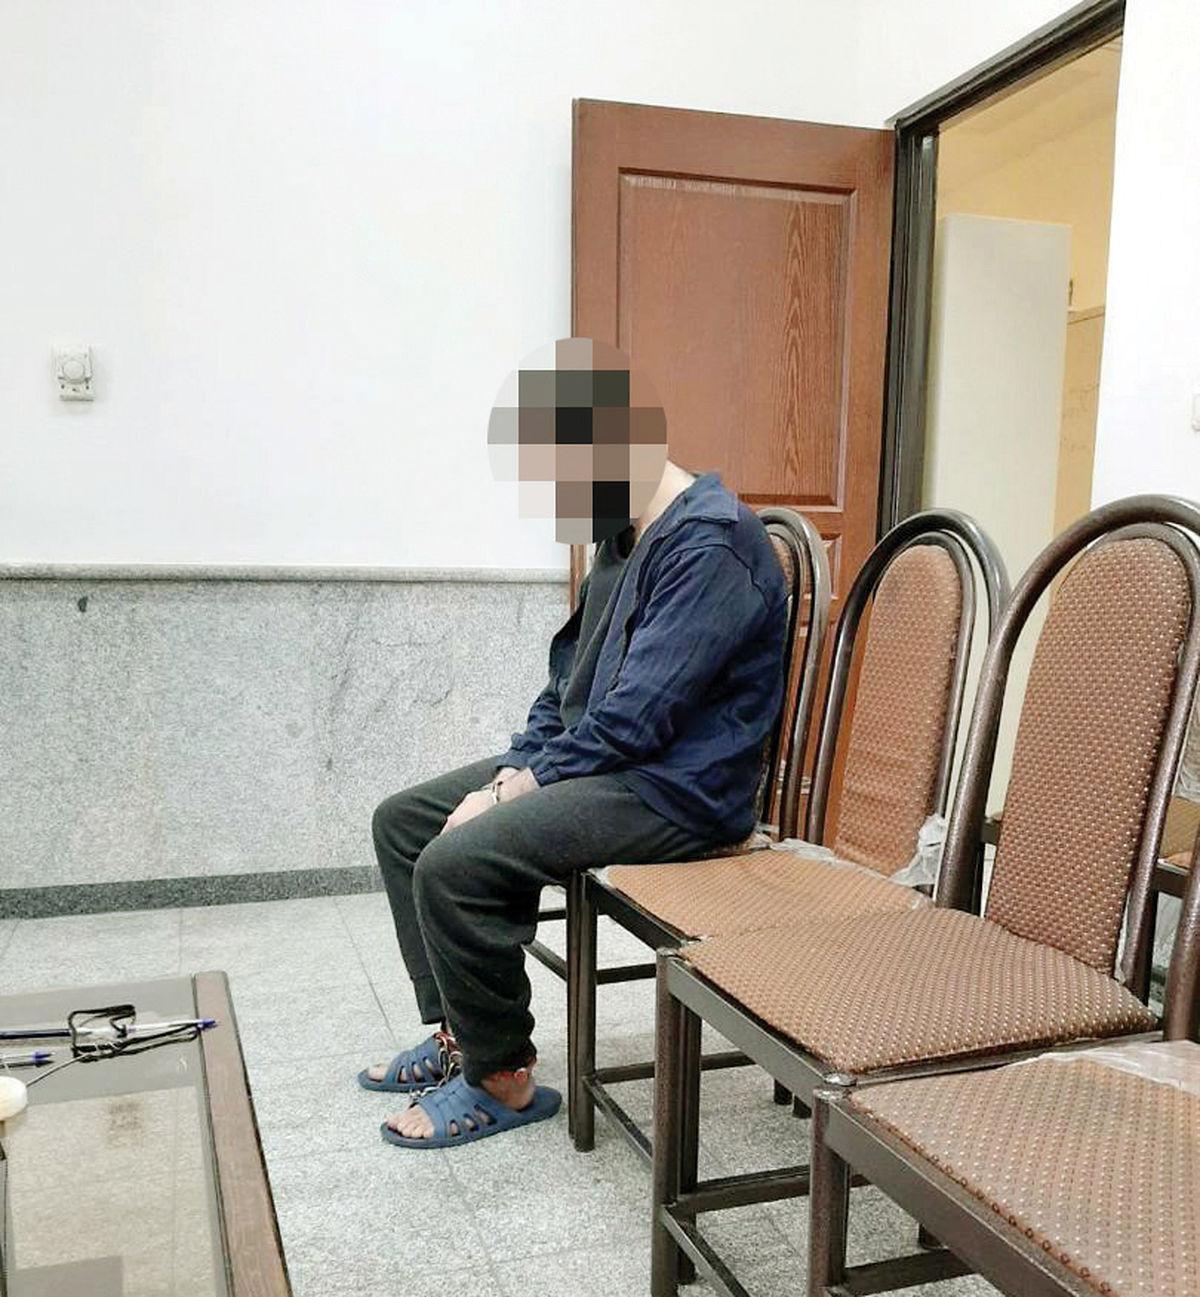 اختلاف مالی، انگیزه 2 مرد برای قتل پدر و برادر